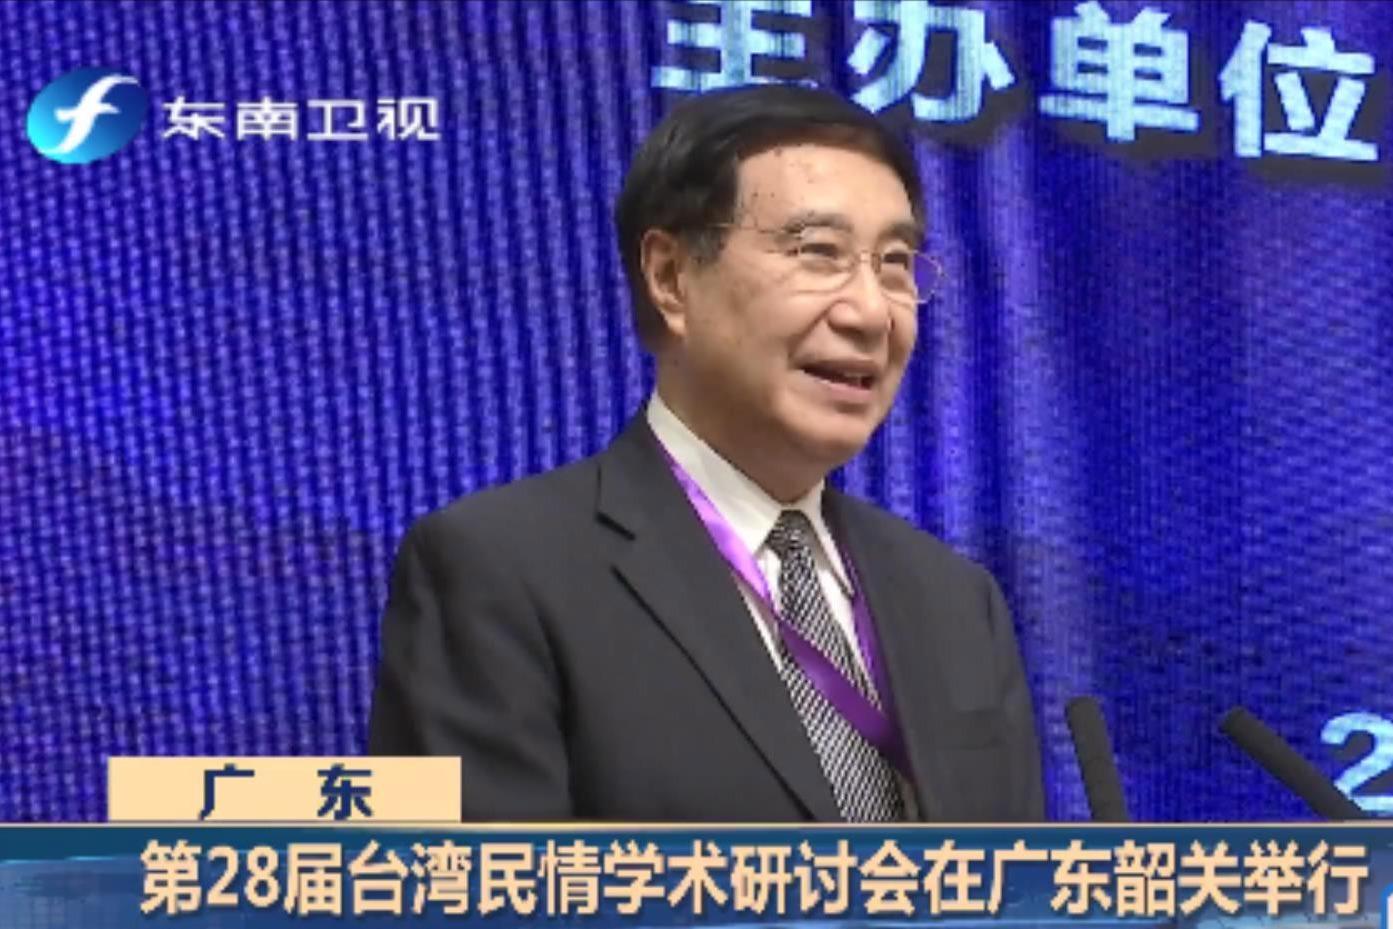 第28届台湾民情学术研讨会举行,专家点赞非常及时